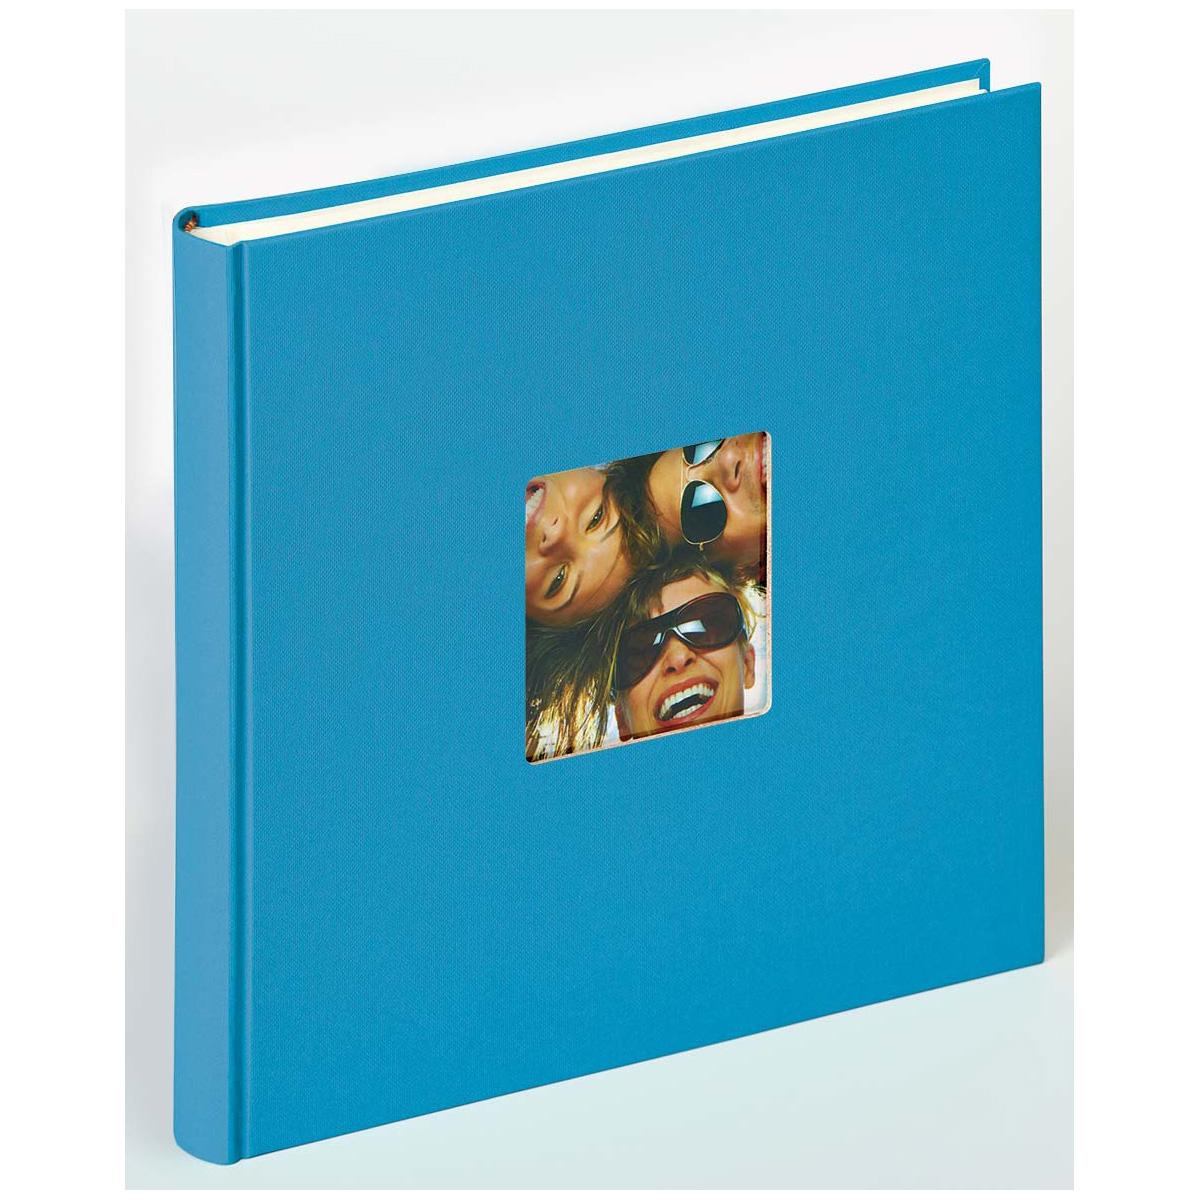 Album di foto Fun di 40 pagine, 26x25 cm